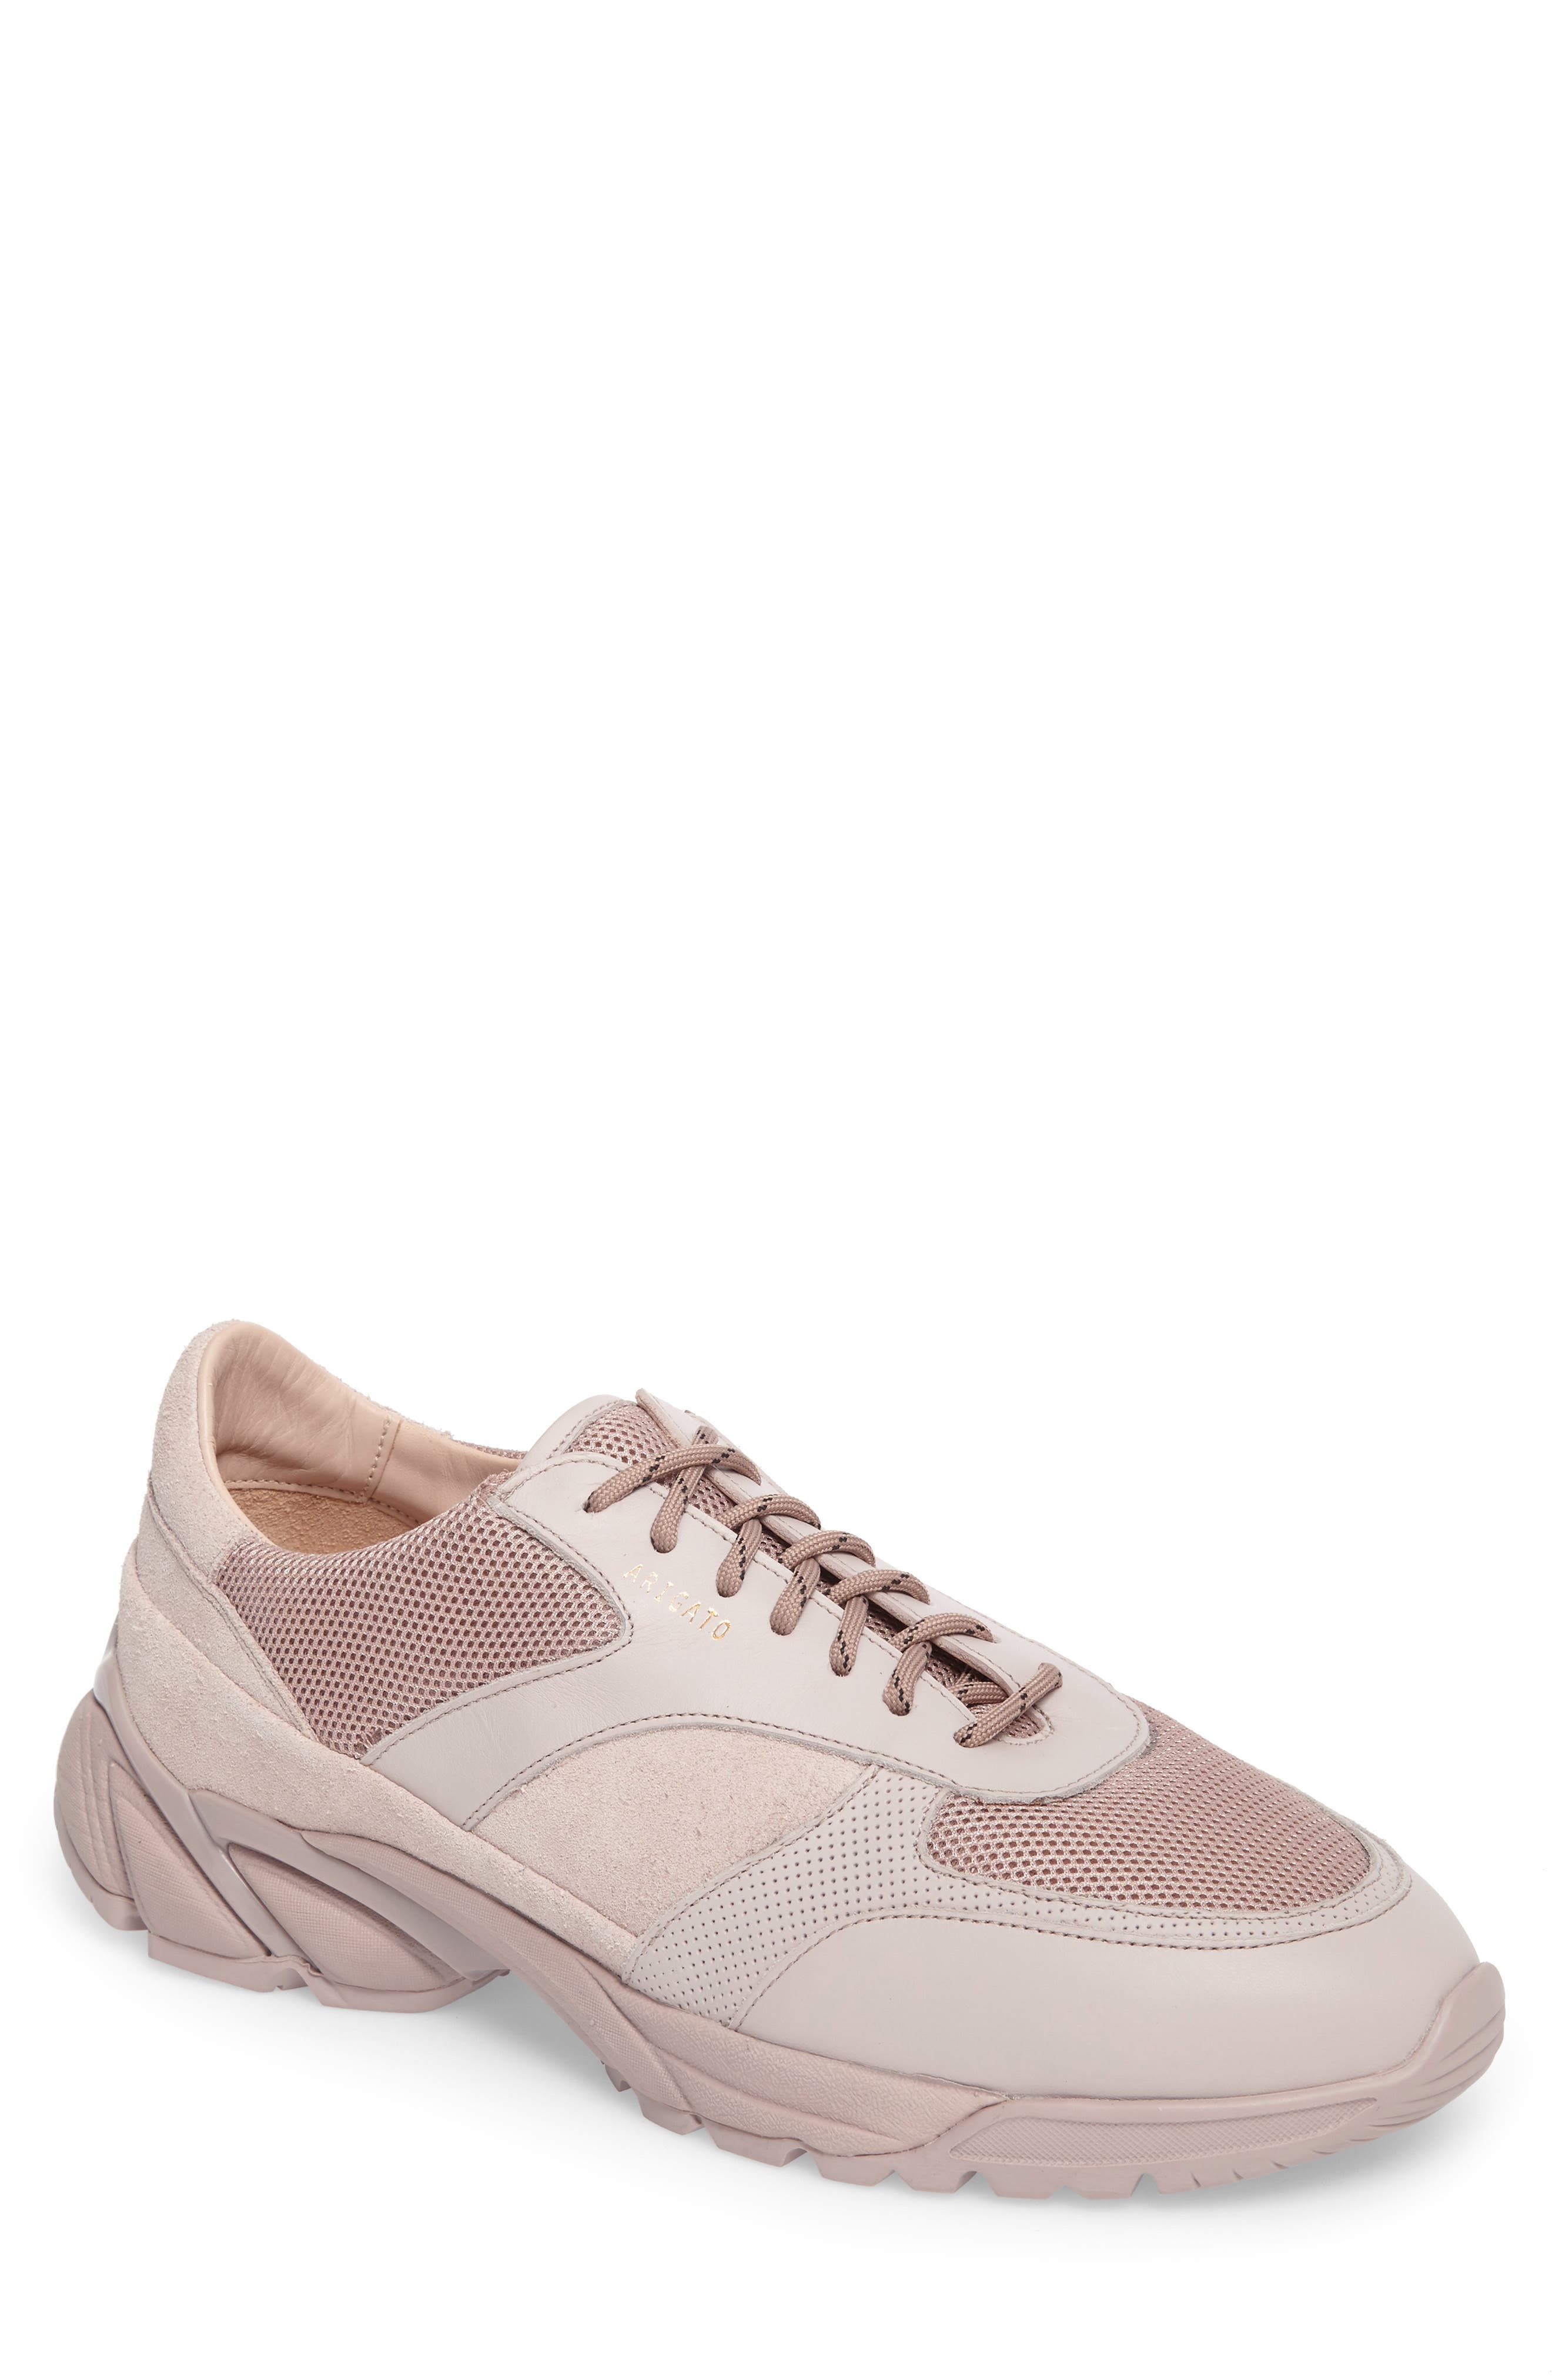 Axel Arigato Tech Sneaker (Men)